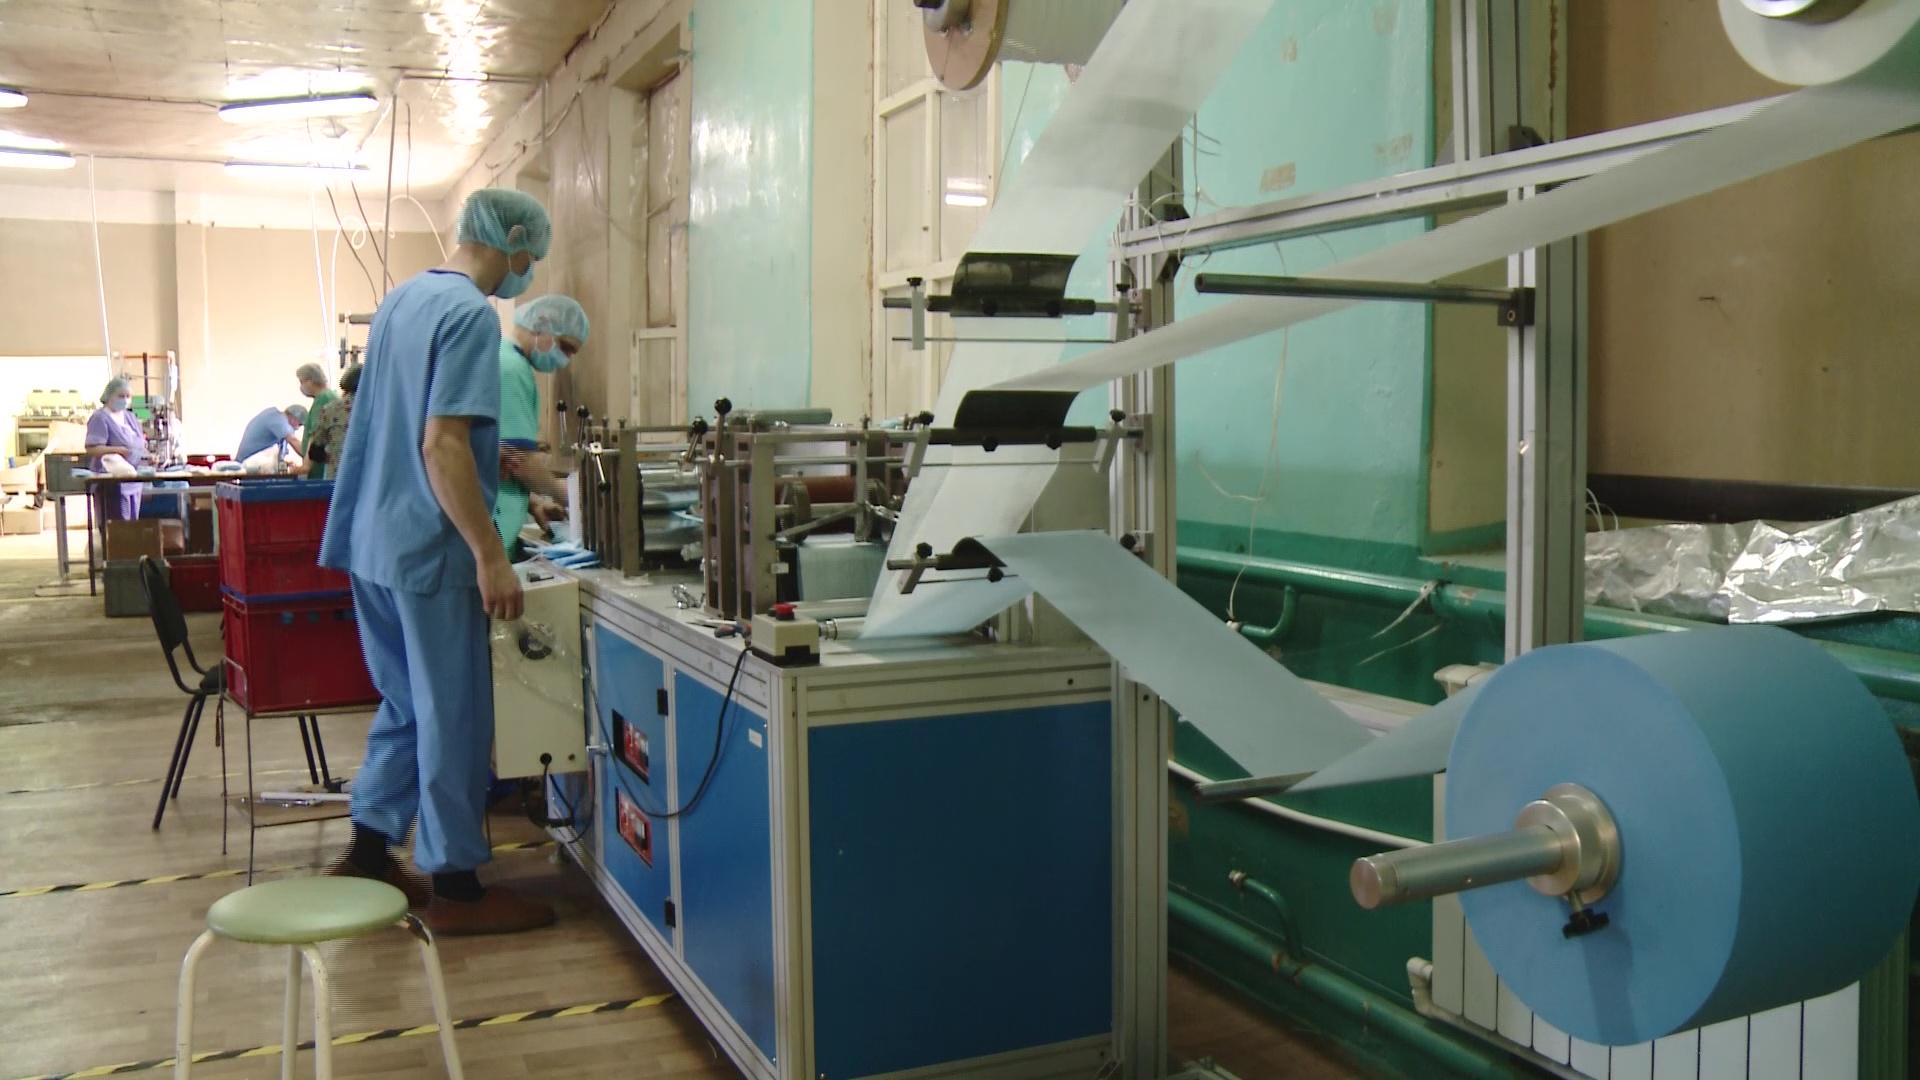 В Гаврилов-Ямском районе будут производить больше медицинских масок: все пойдут в аптеки региона